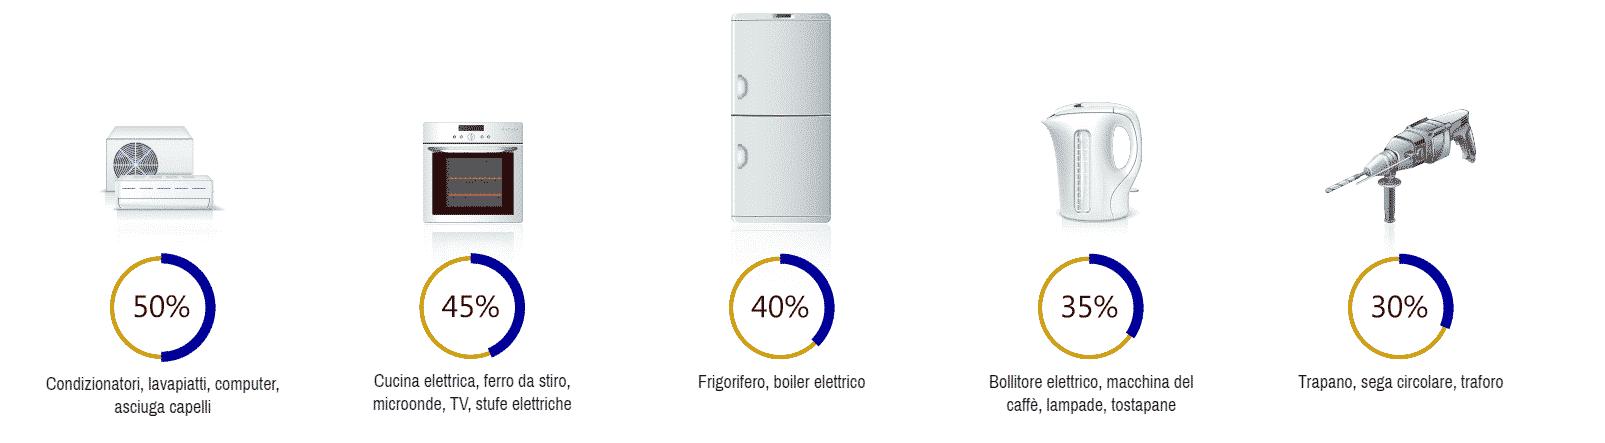 Power Factor Saver risparmio energia bollette elettrodomestici